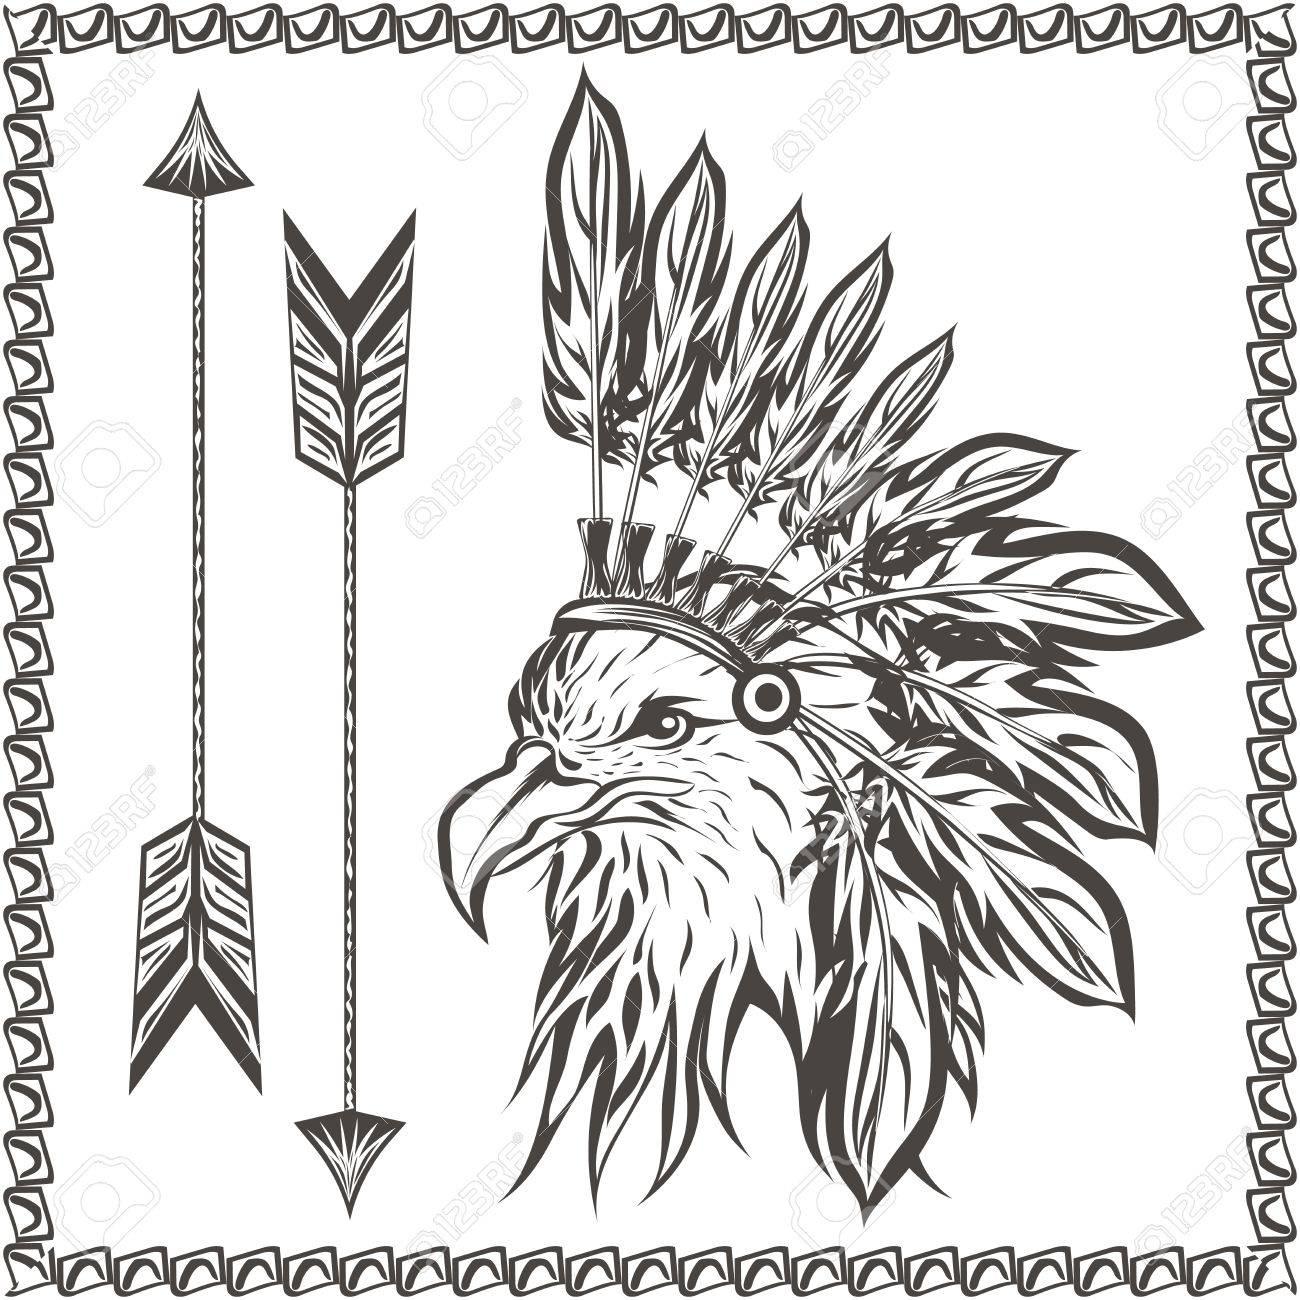 American Eagle En El Tocado Indio étnico Con Plumas Y Flechas. En El ...